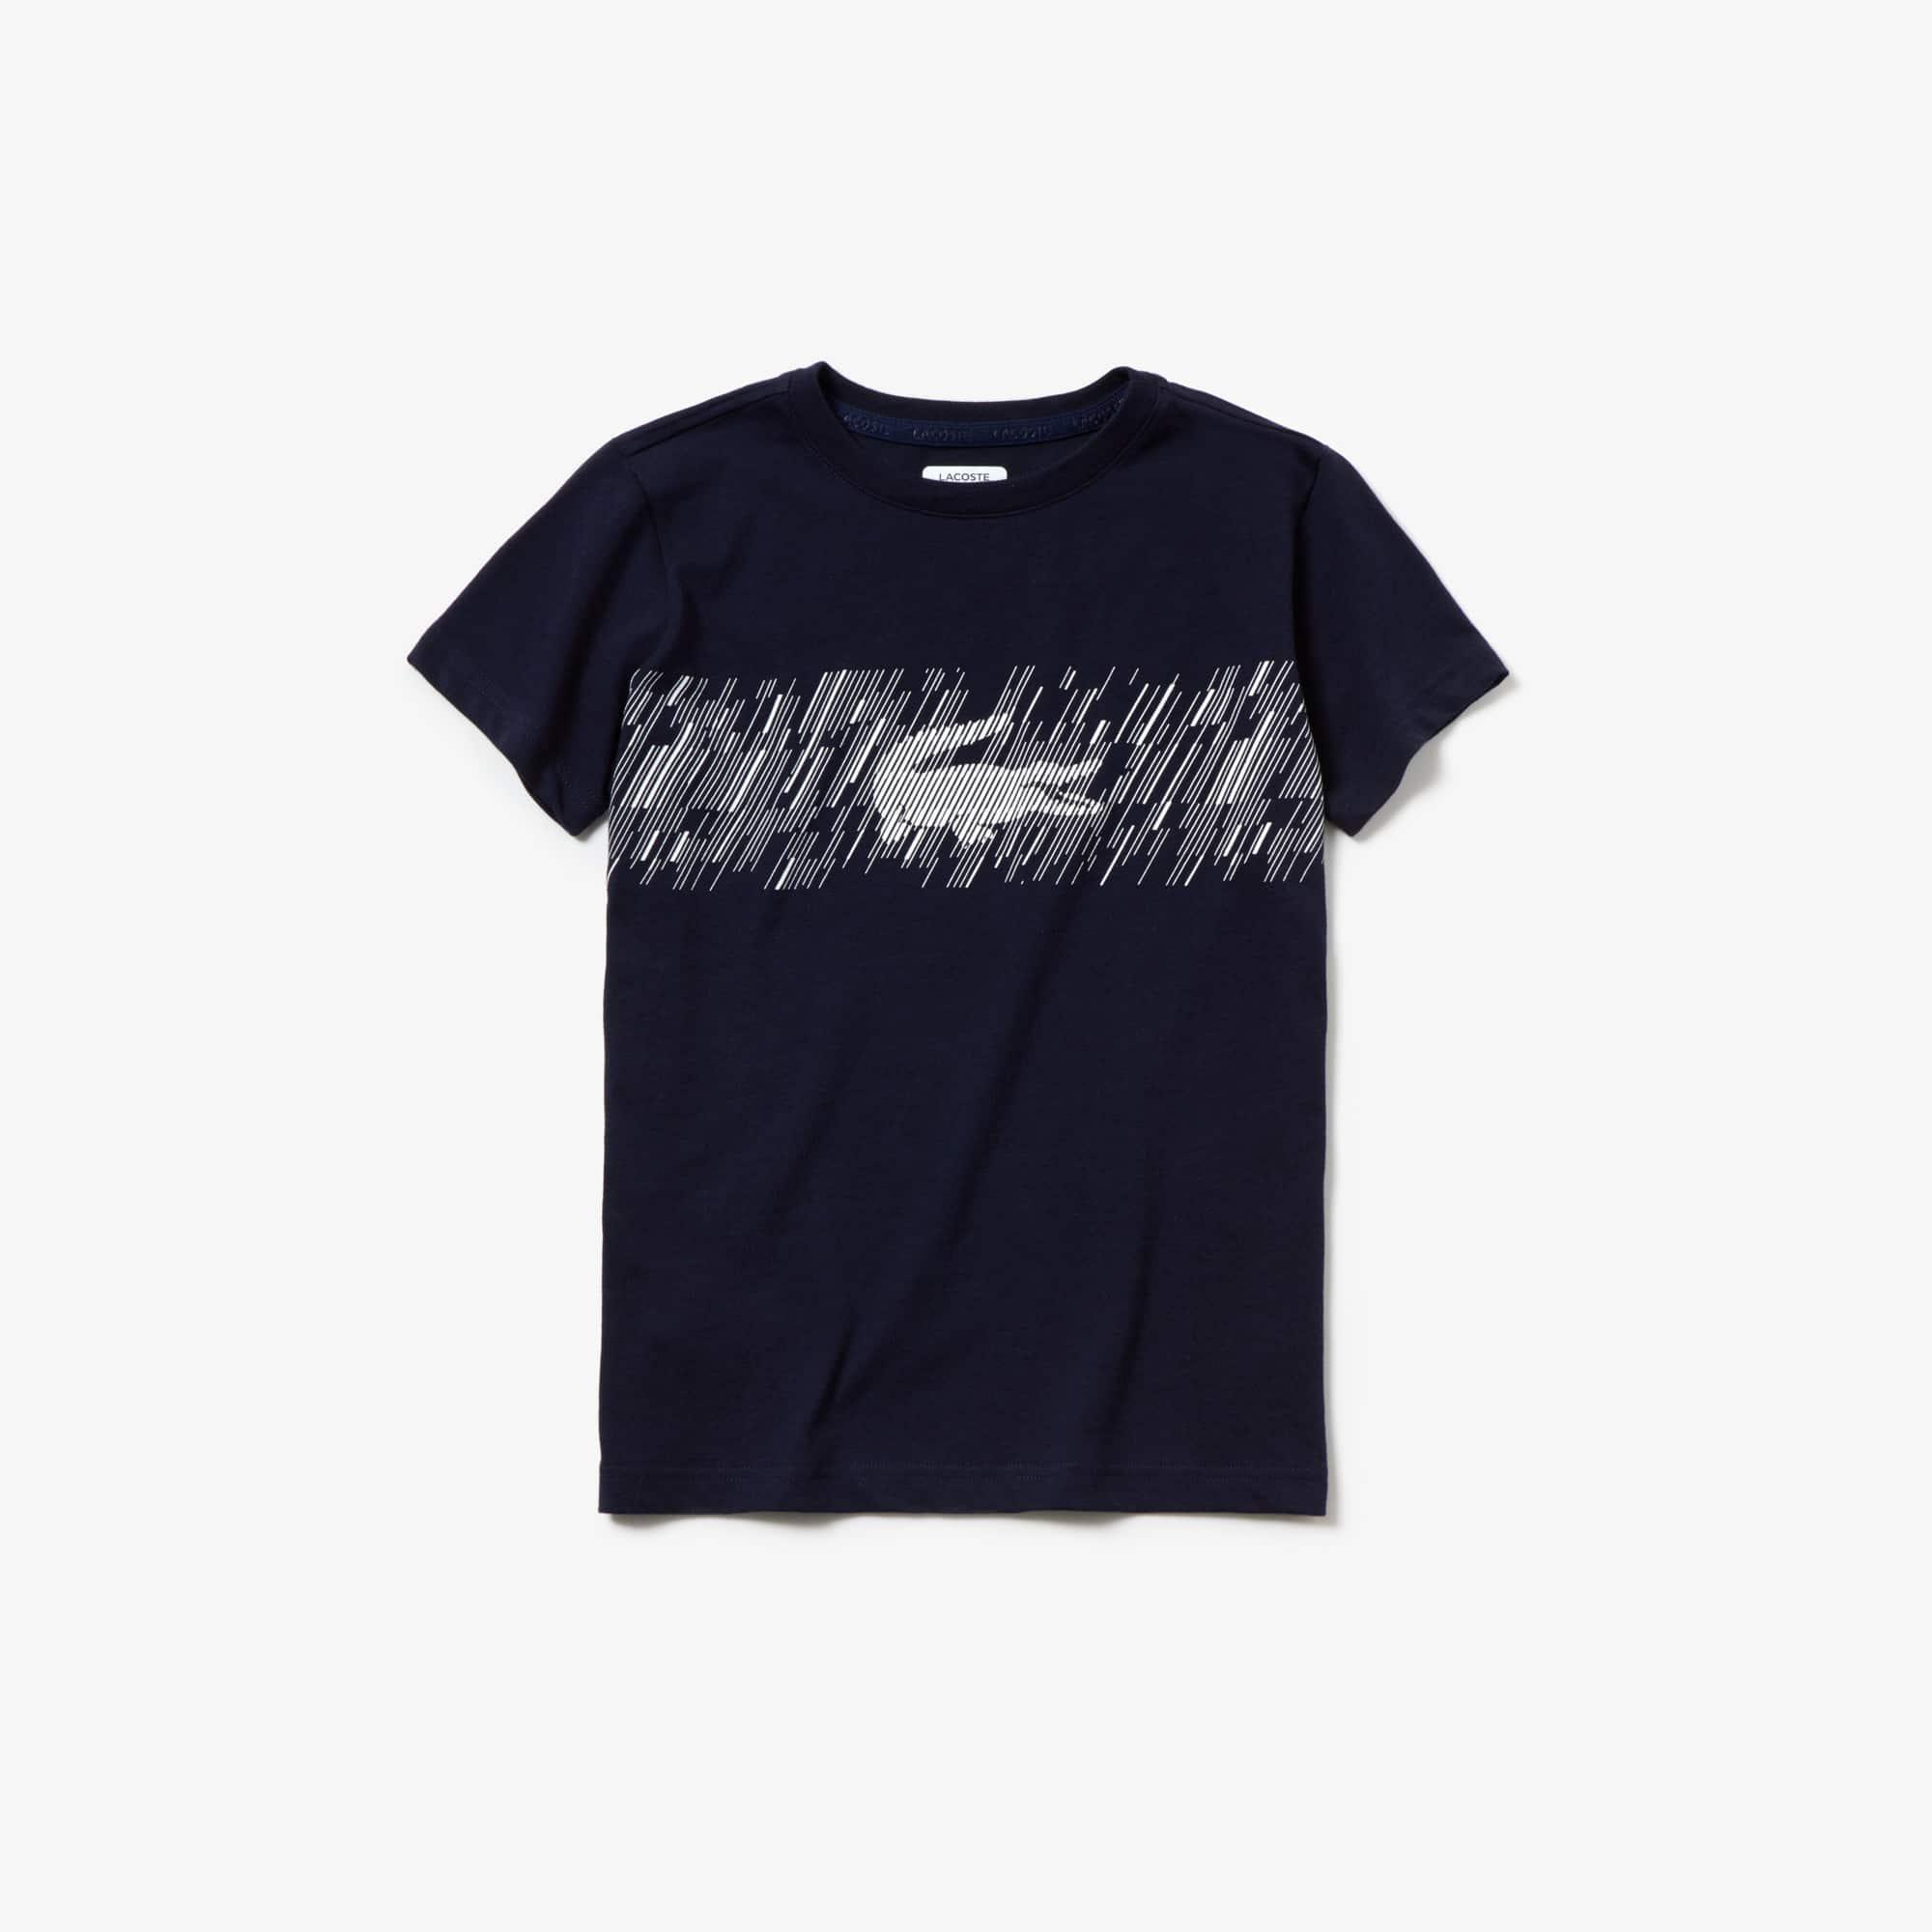 fd72bd7043 + 2 couleurs · T-shirt Garçon Tennis Lacoste SPORT ultra-dry imprimé  crocodile